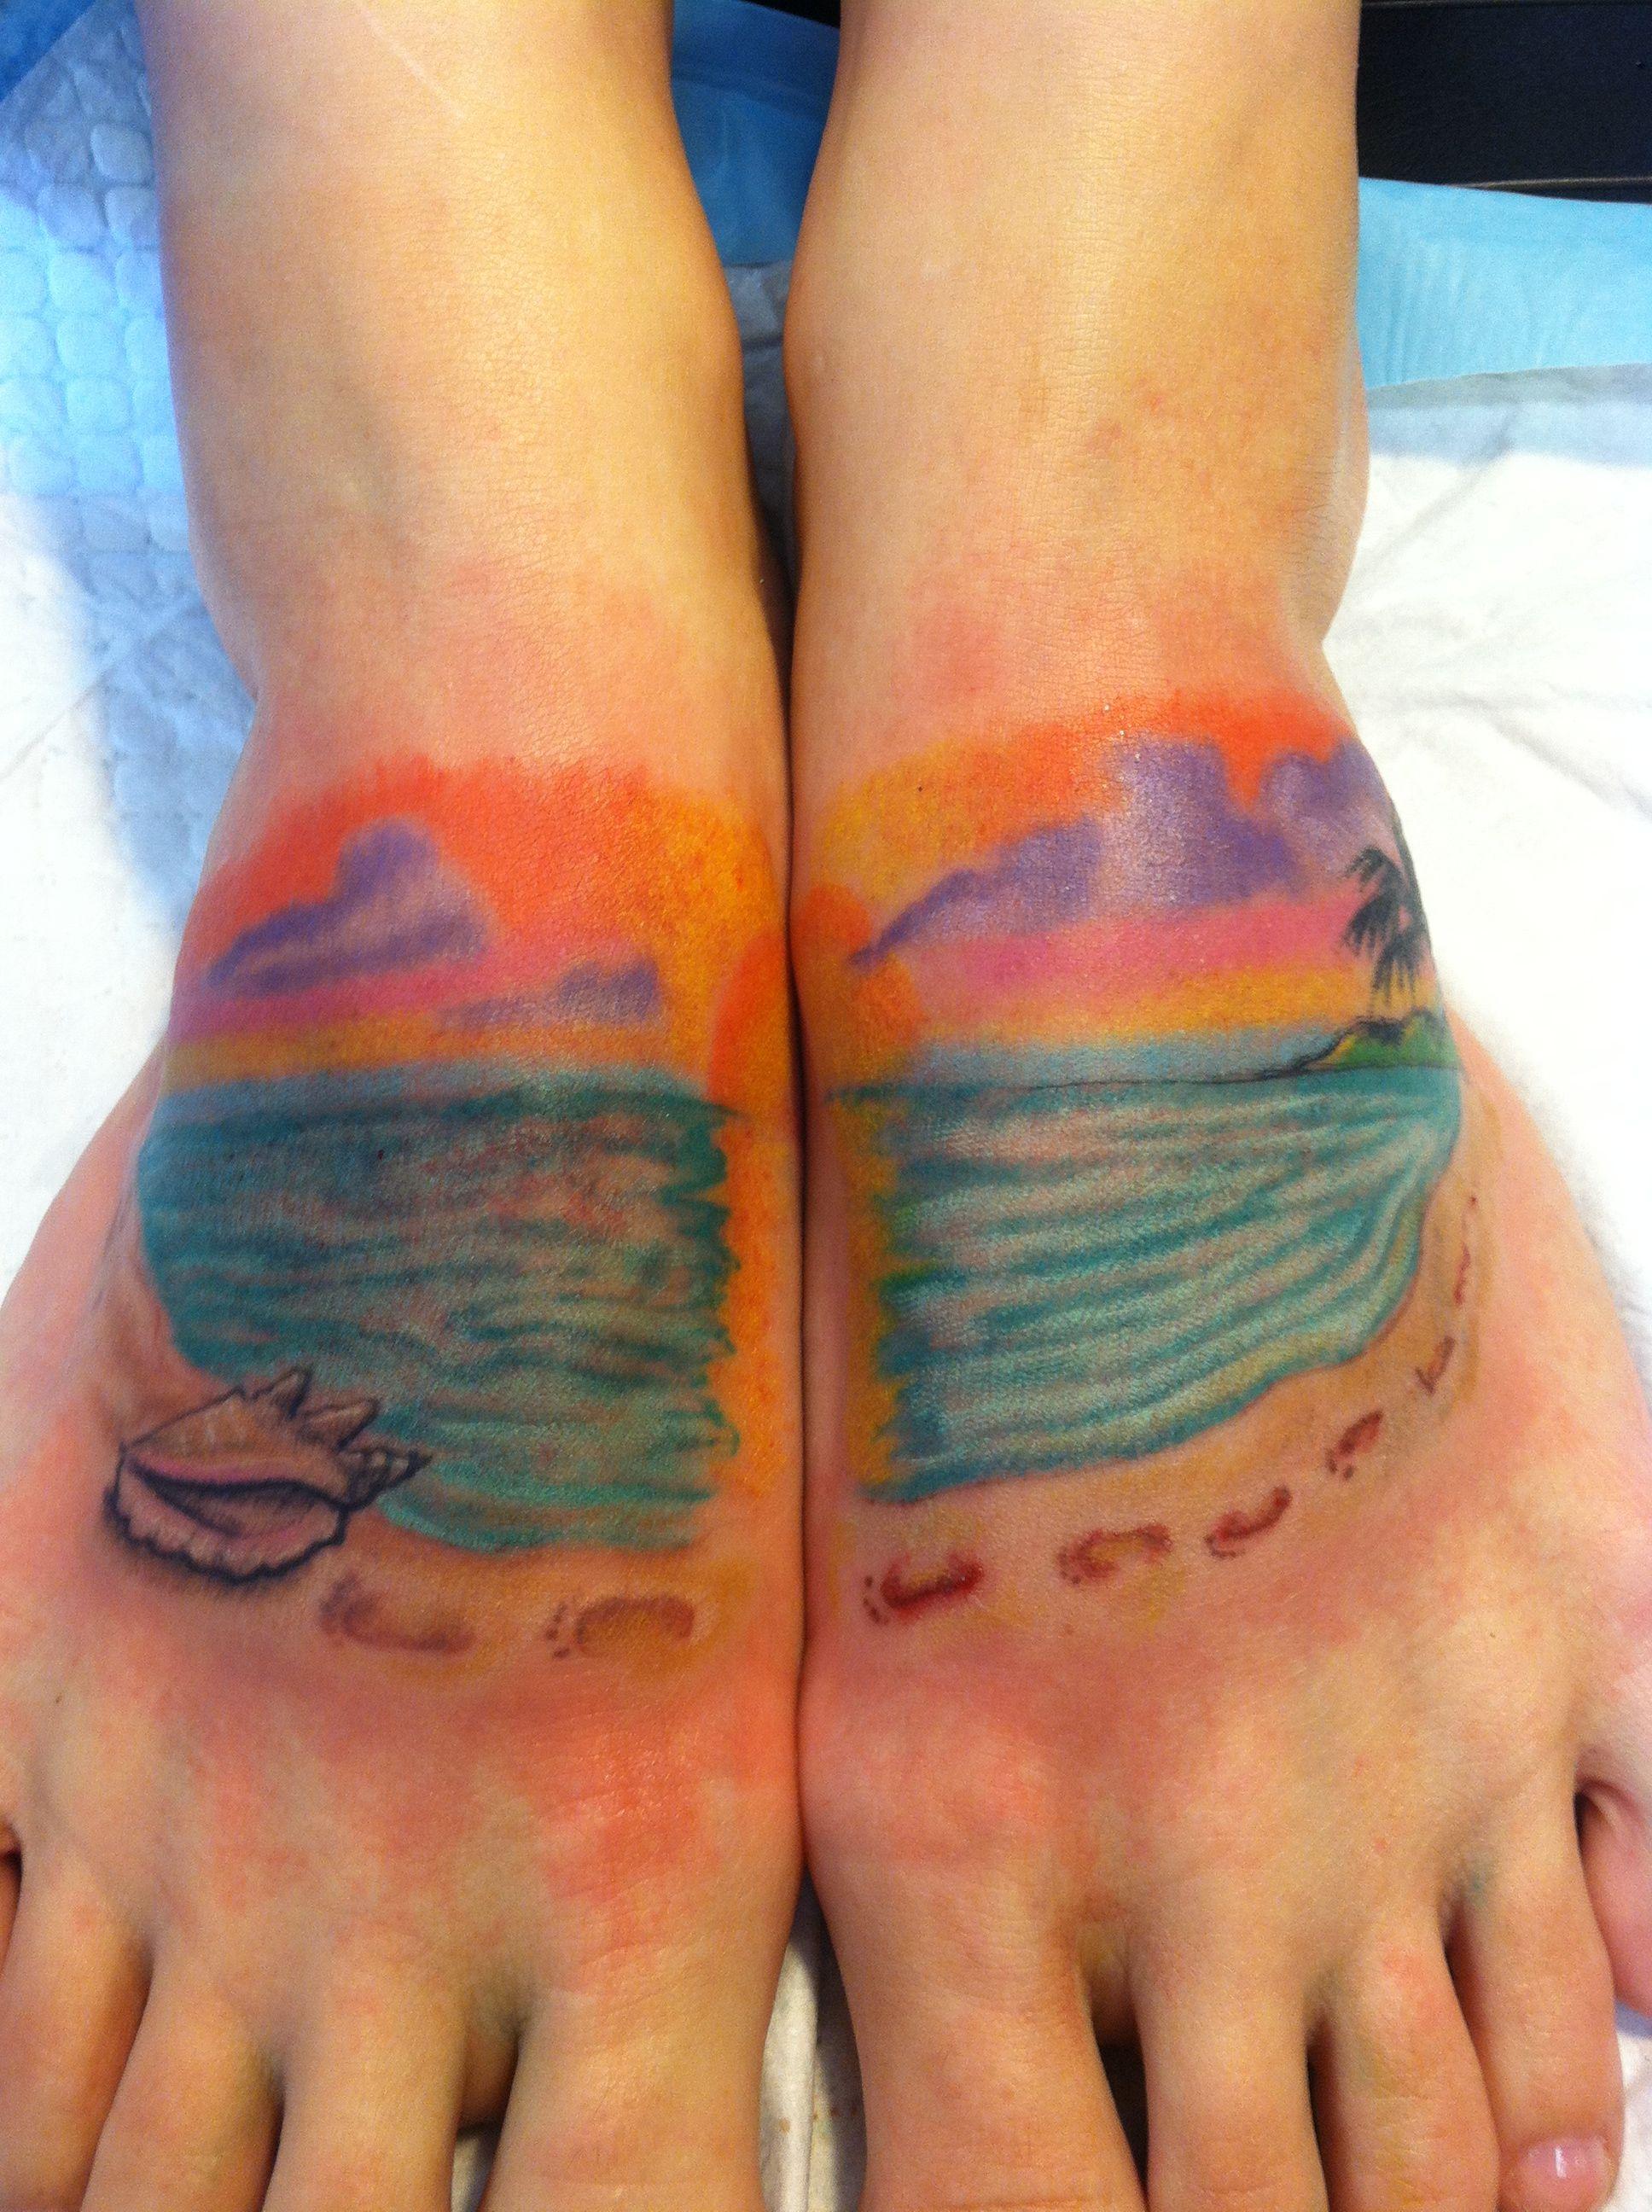 Key West Tattoo Ideas : tattoo, ideas, Beach, Footprints, Sand., Tattoos,, Tattoo,, Beaches